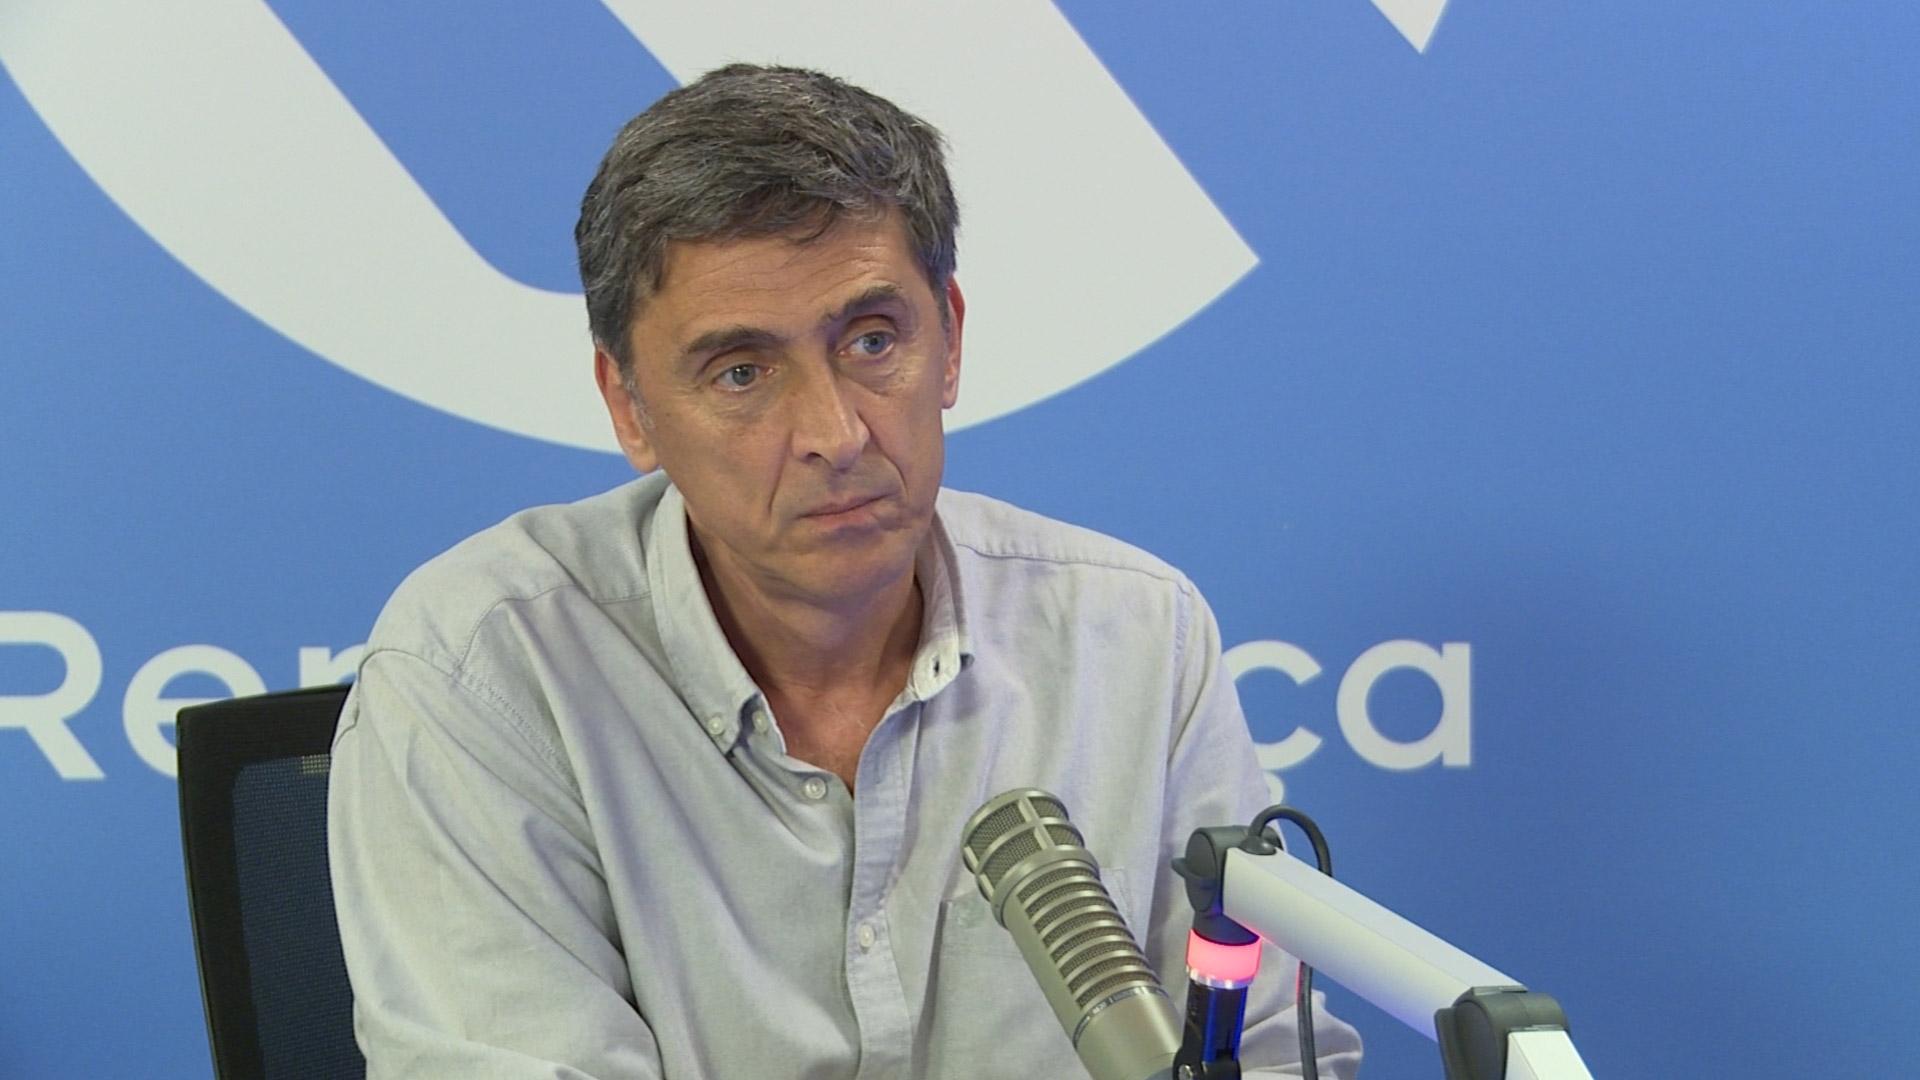 Pedro Hubert, do Instituto de Apoio ao Jogador, ficou indignado ao ver os vídeos Foto: Arquivo Renascença